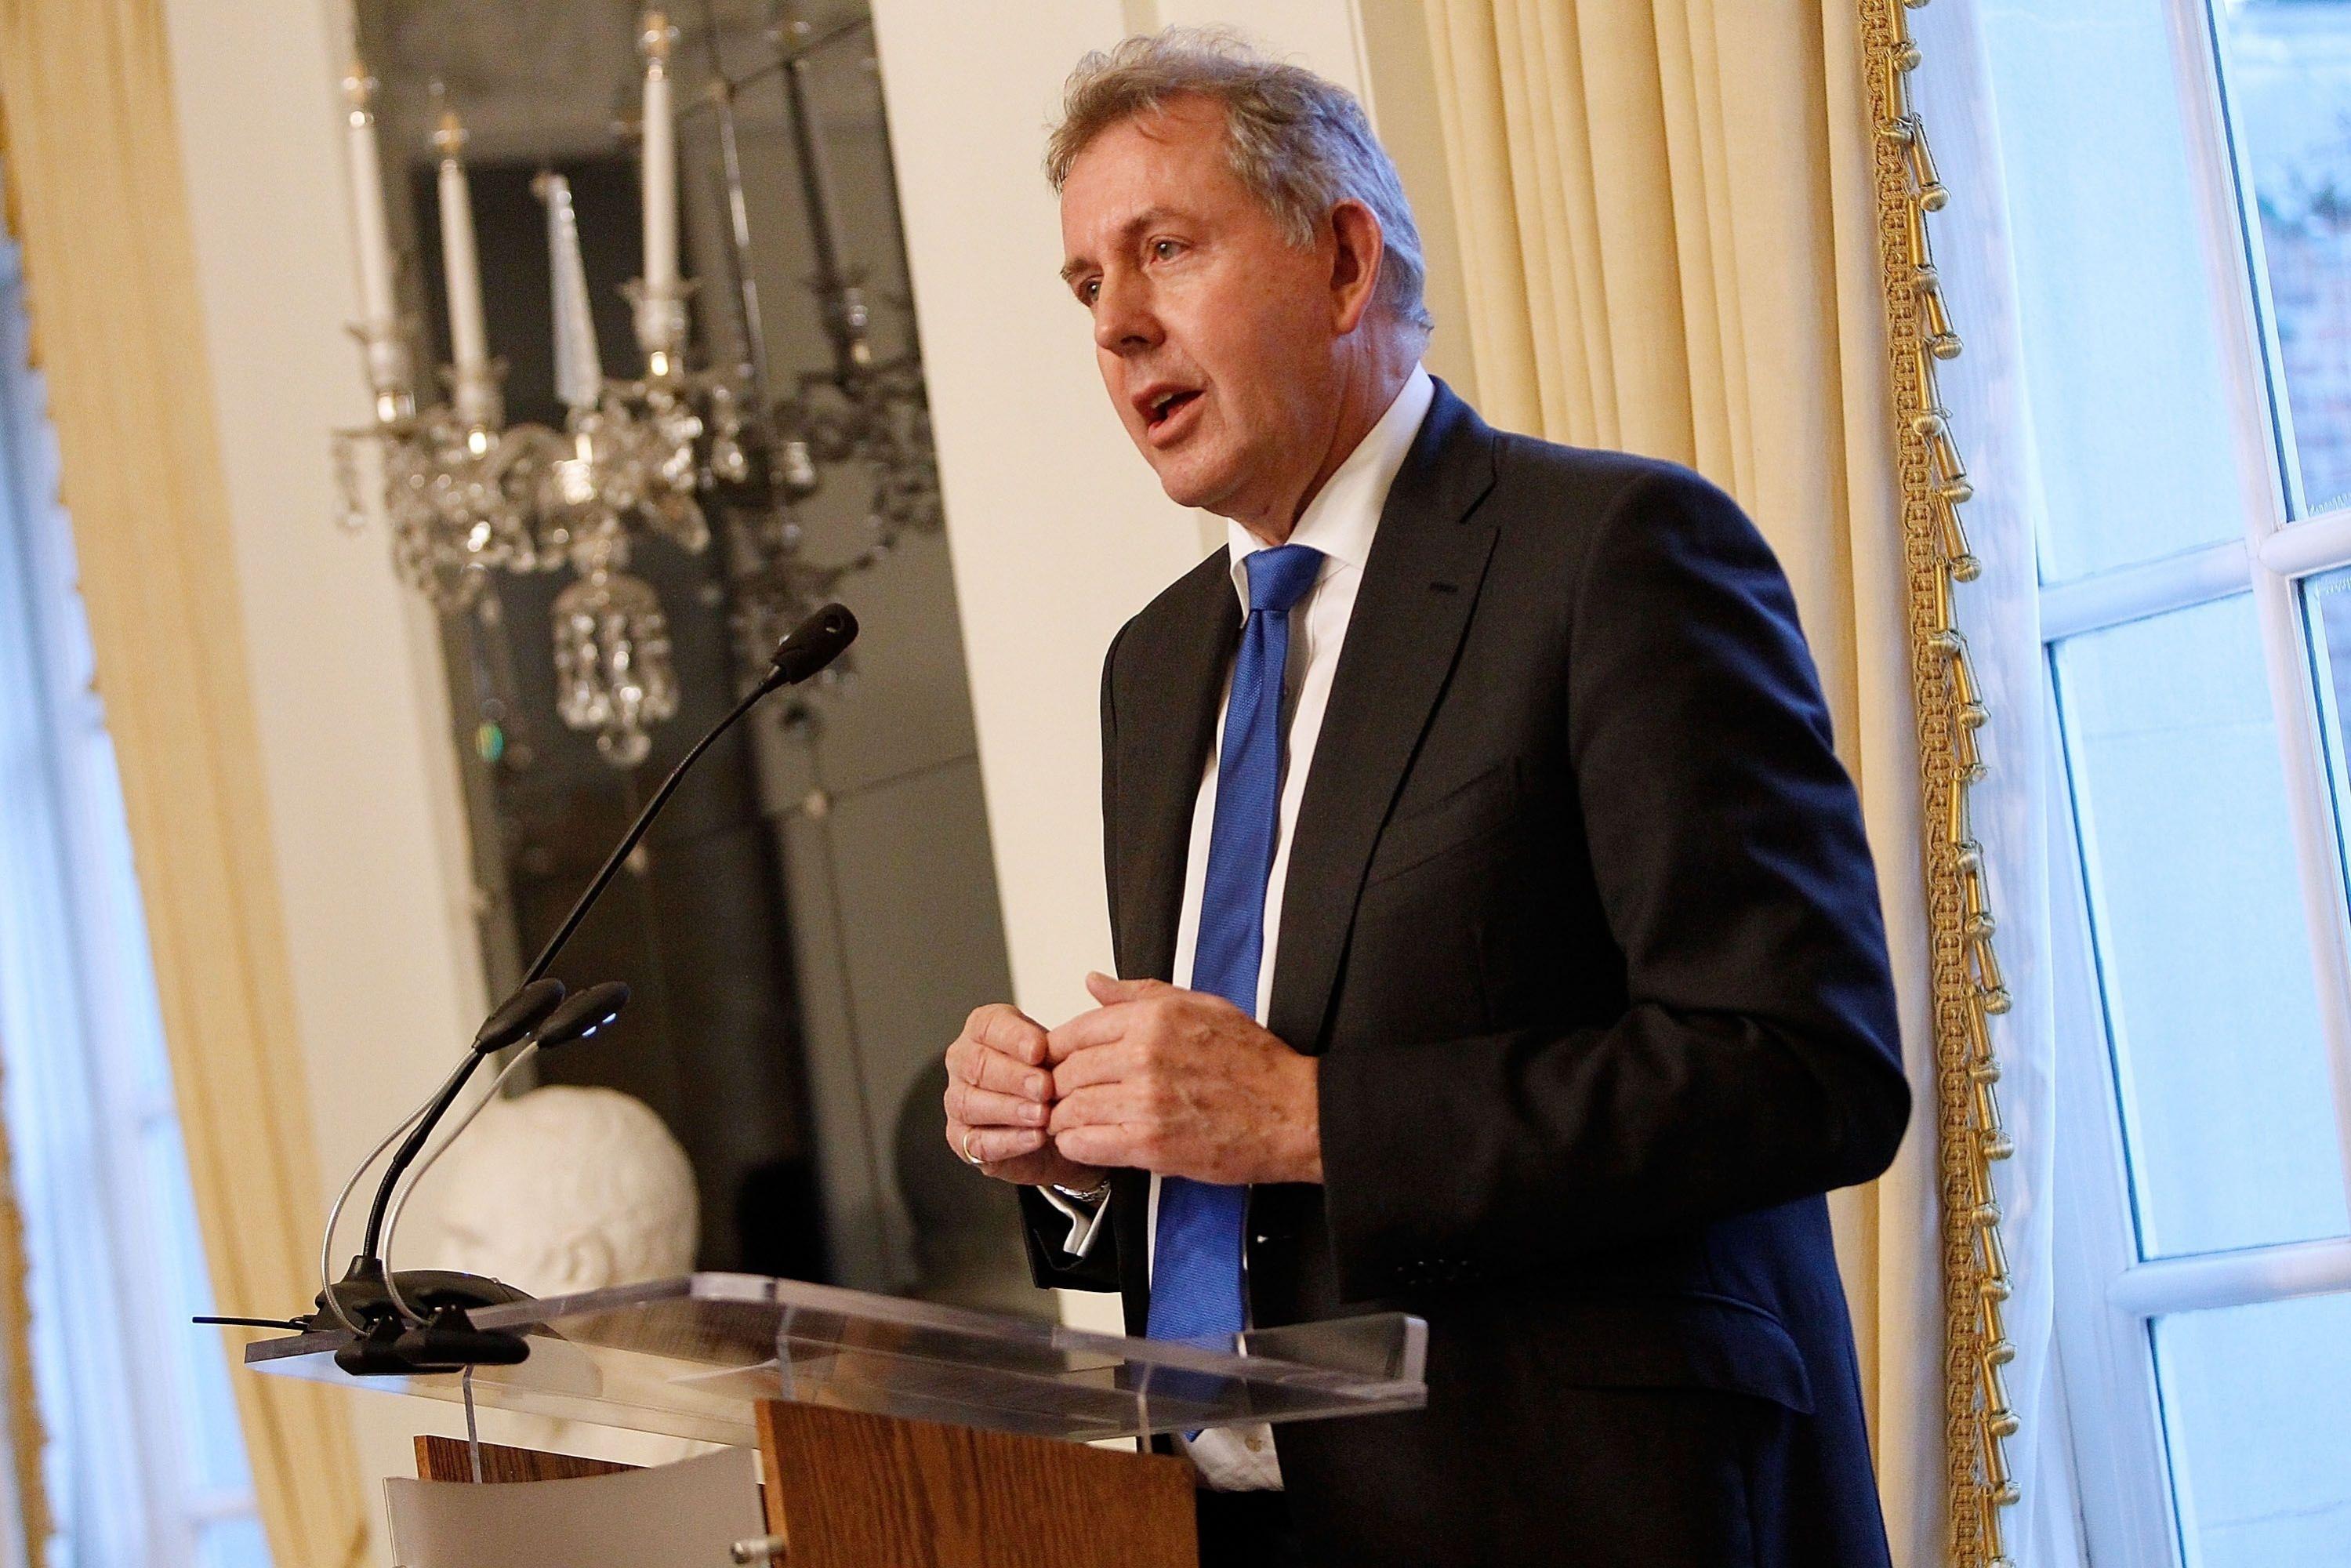 El embajador británico en Washington, Kim Darroch, calificó el gobierno de Donald Trump de